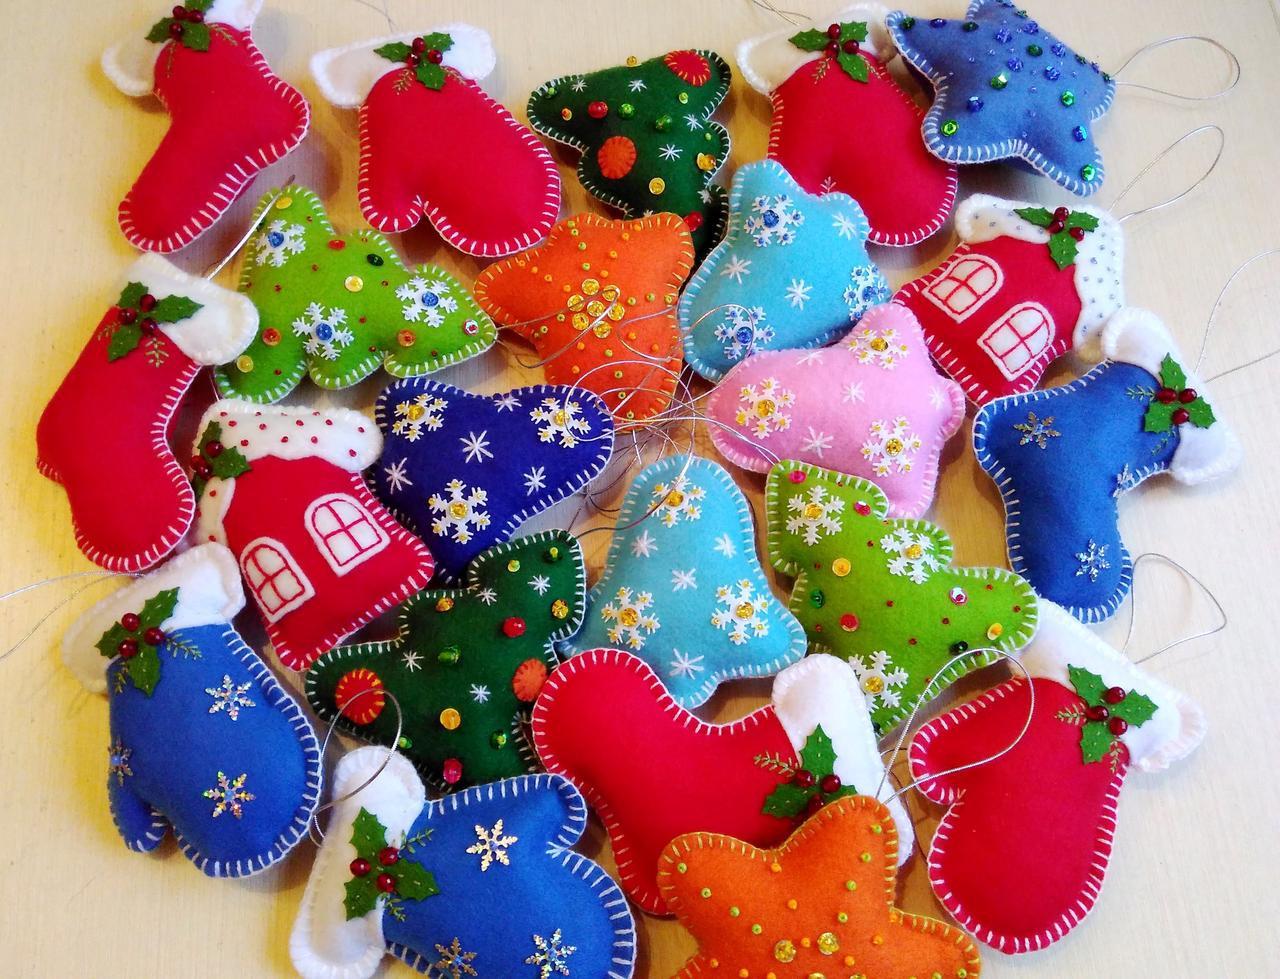 объемные новогодние игрушки из фетра